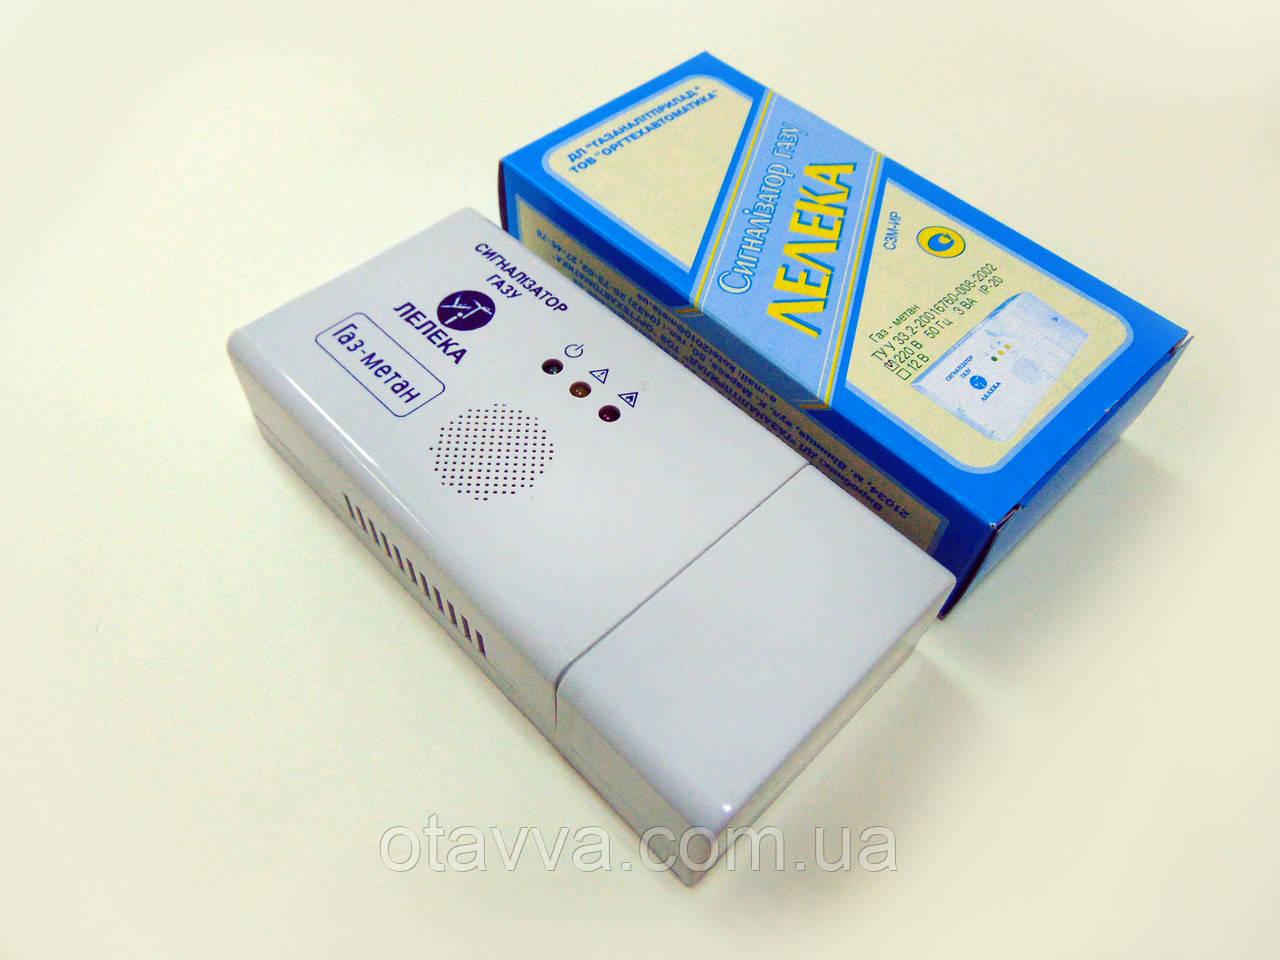 Сигнализатор загазованности Лелека 1 СЗМ-Р-А